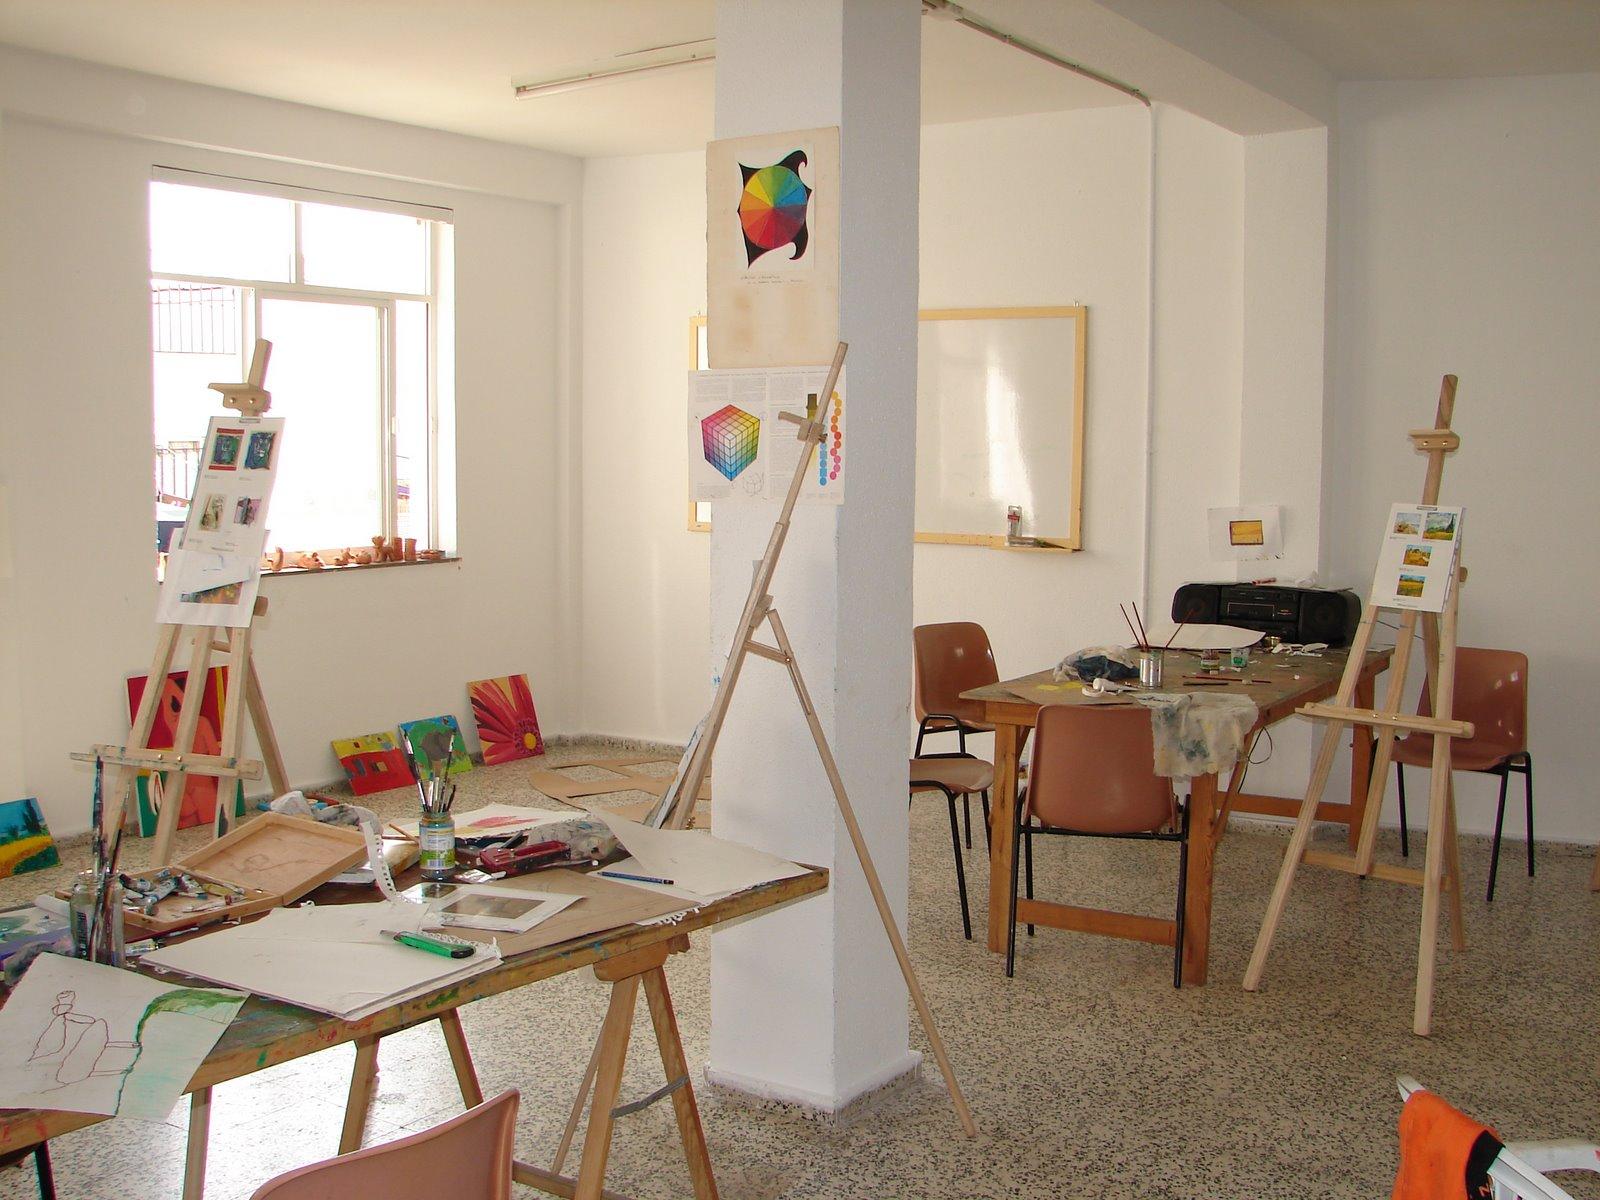 taller de pintura para jvenes casa de la juventud verano